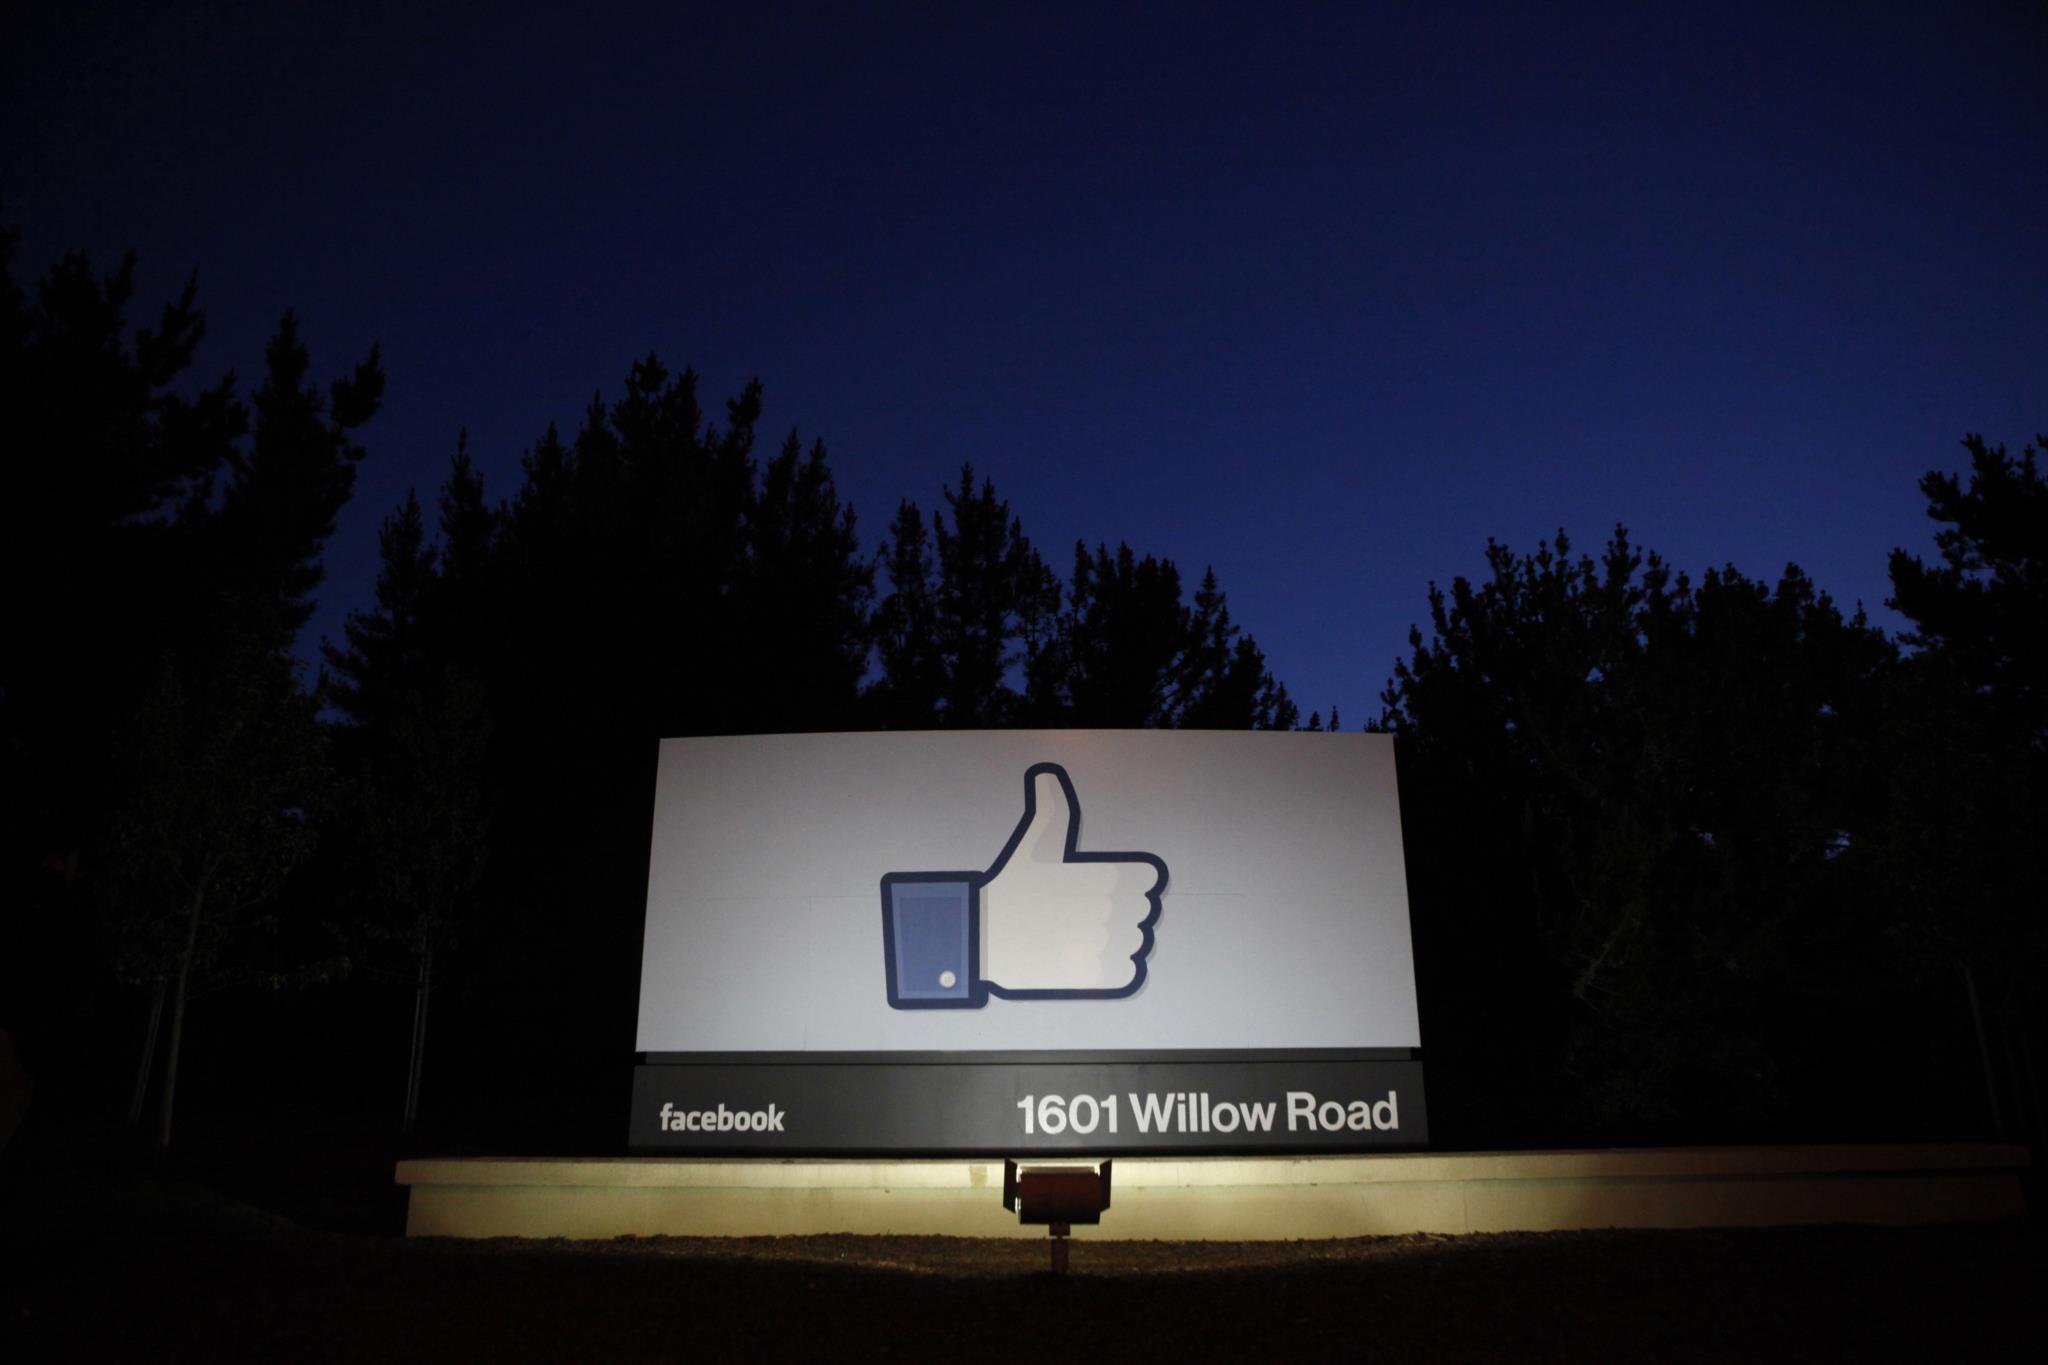 Estudos indicam que partilhas nas redes sociais validam notícias falsas